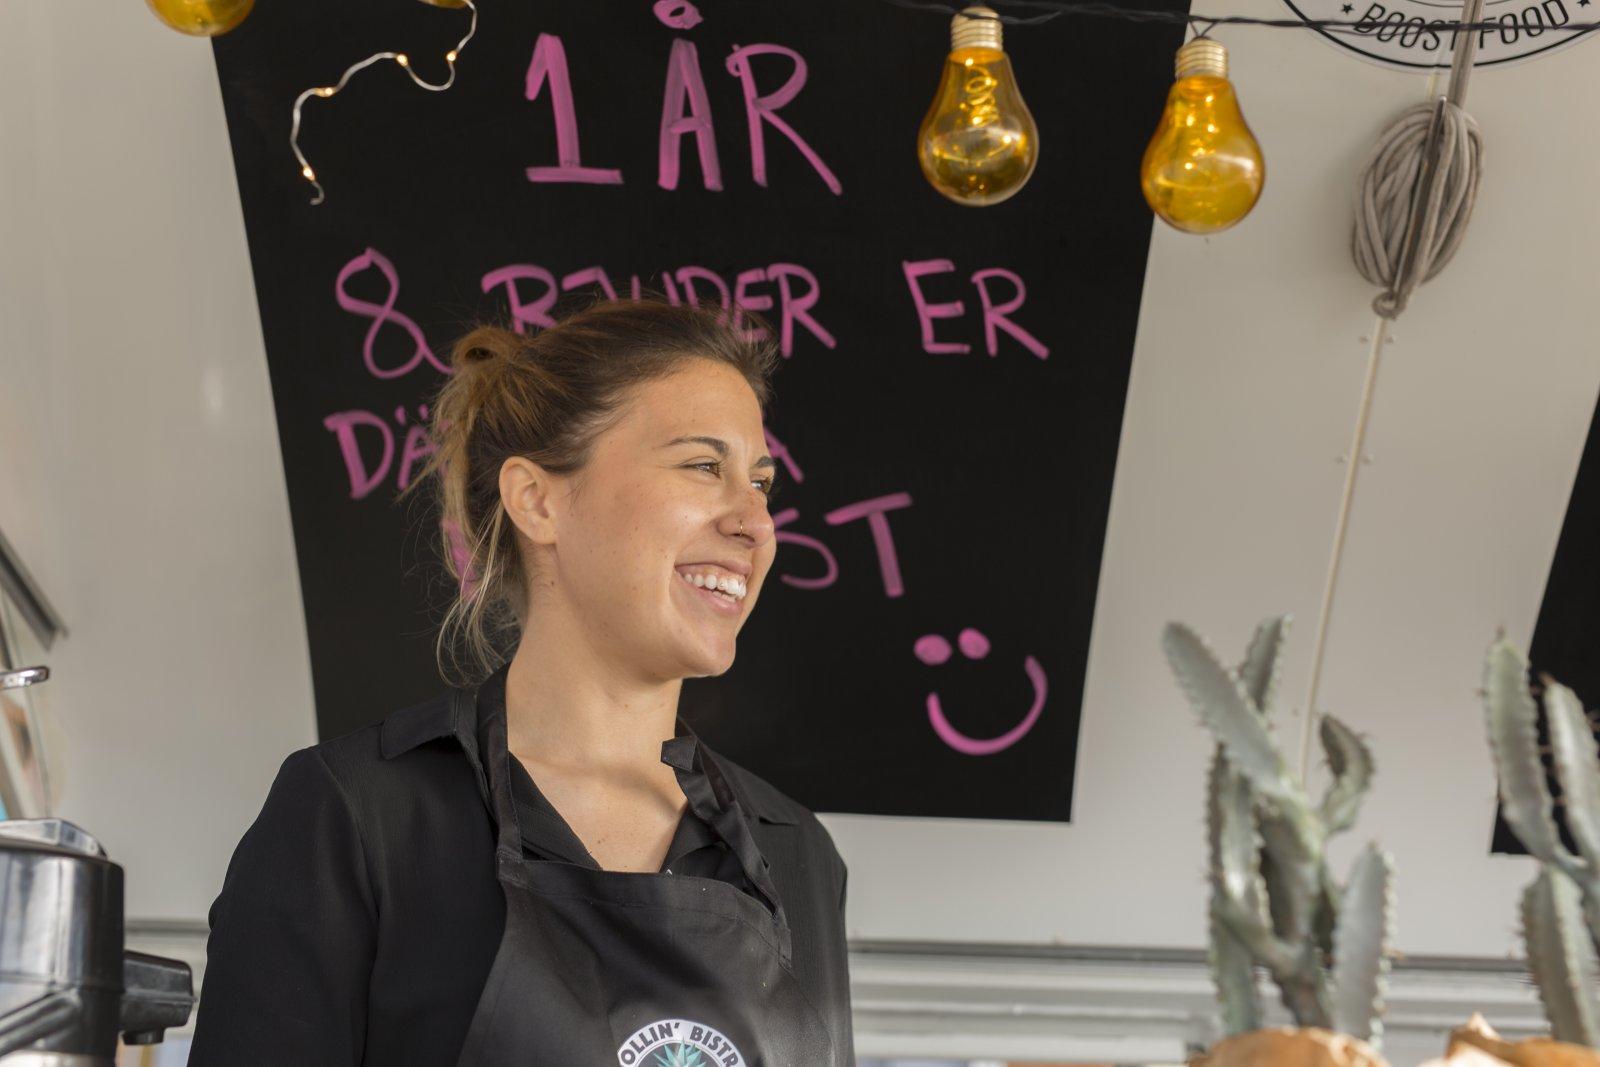 Restaurangen på Lindholmskajen fyllde nylien ett år. Foto: Therese Björkbacke